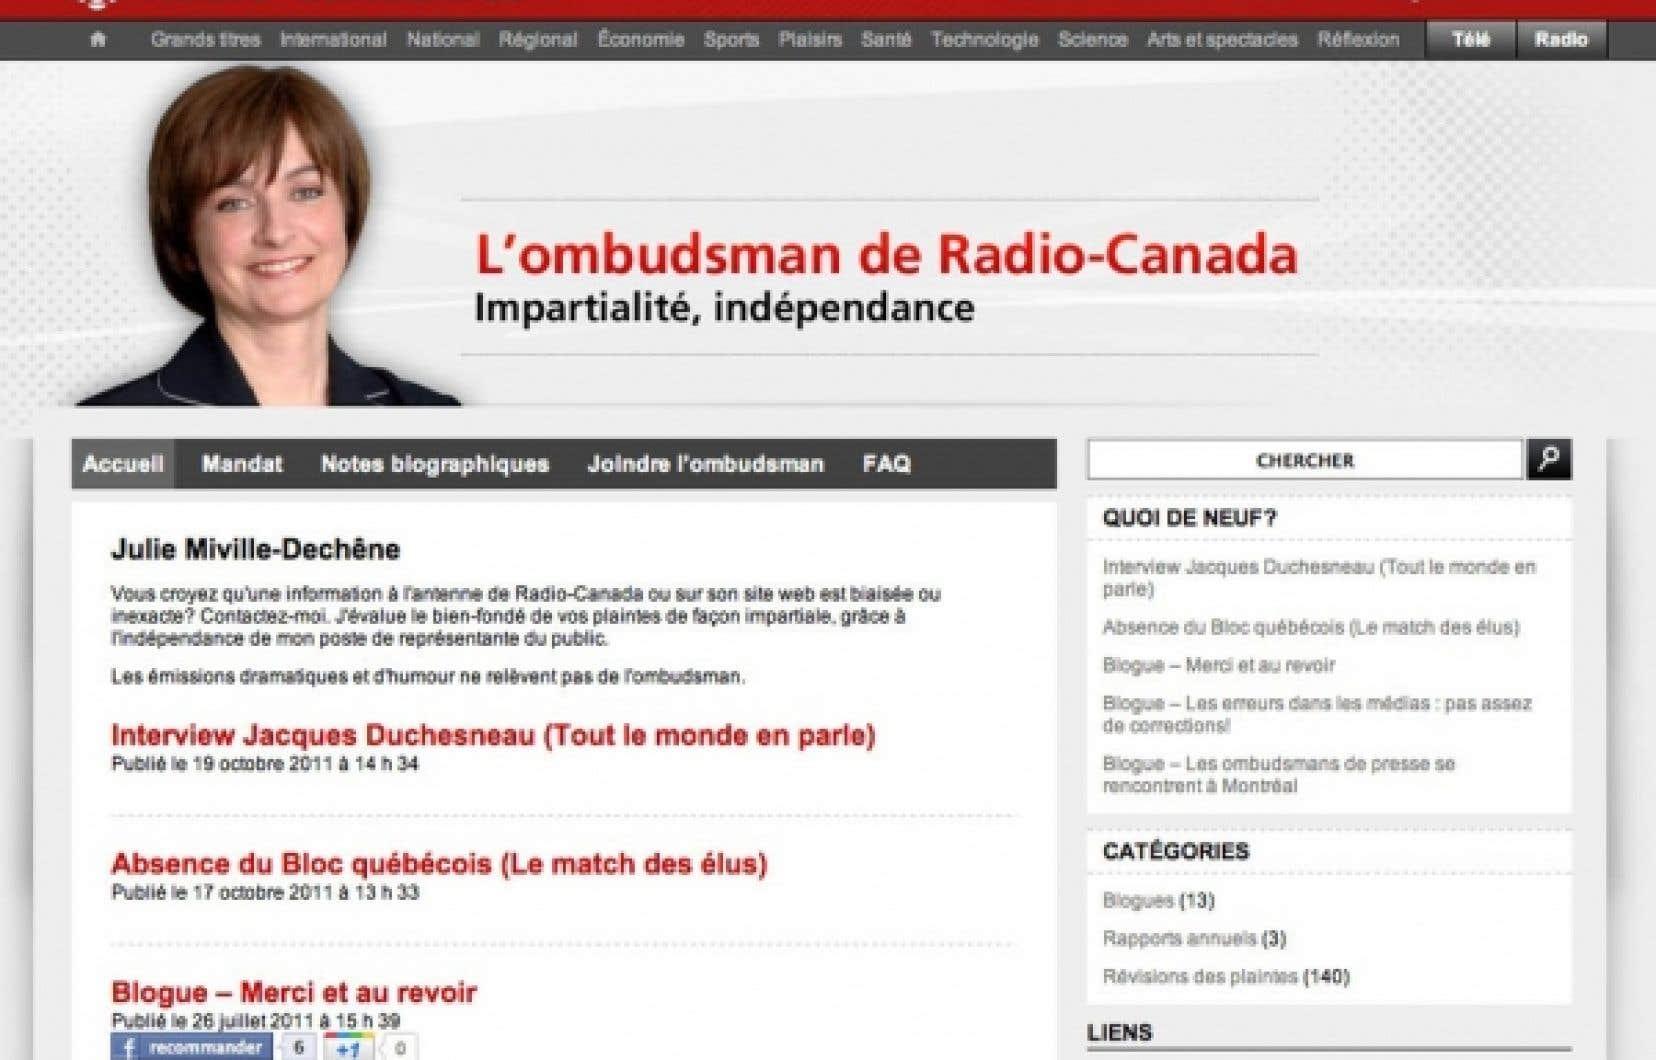 La dernière ombudsman du service français, l'ex-journaliste Julie Miville-Dechêne, a quitté le poste cet été, après un quinquennat. Elle dirige maintenant le Conseil du statut de la femme.<br />